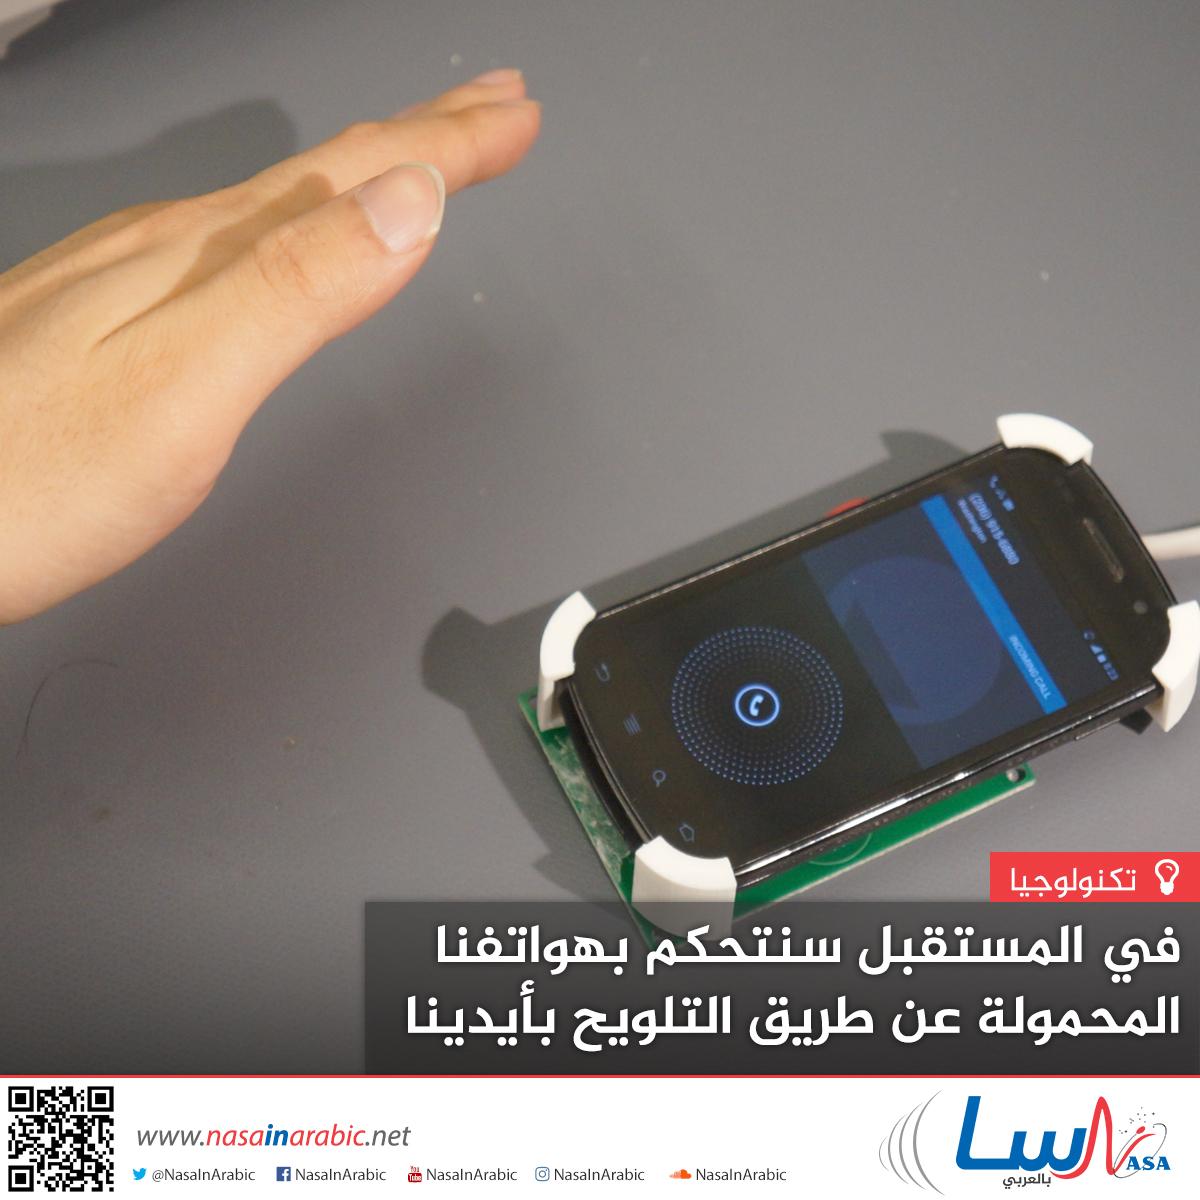 في المستقبل سنتحكم بهواتفنا المحمولة عن طريق التلويح بأيدينا